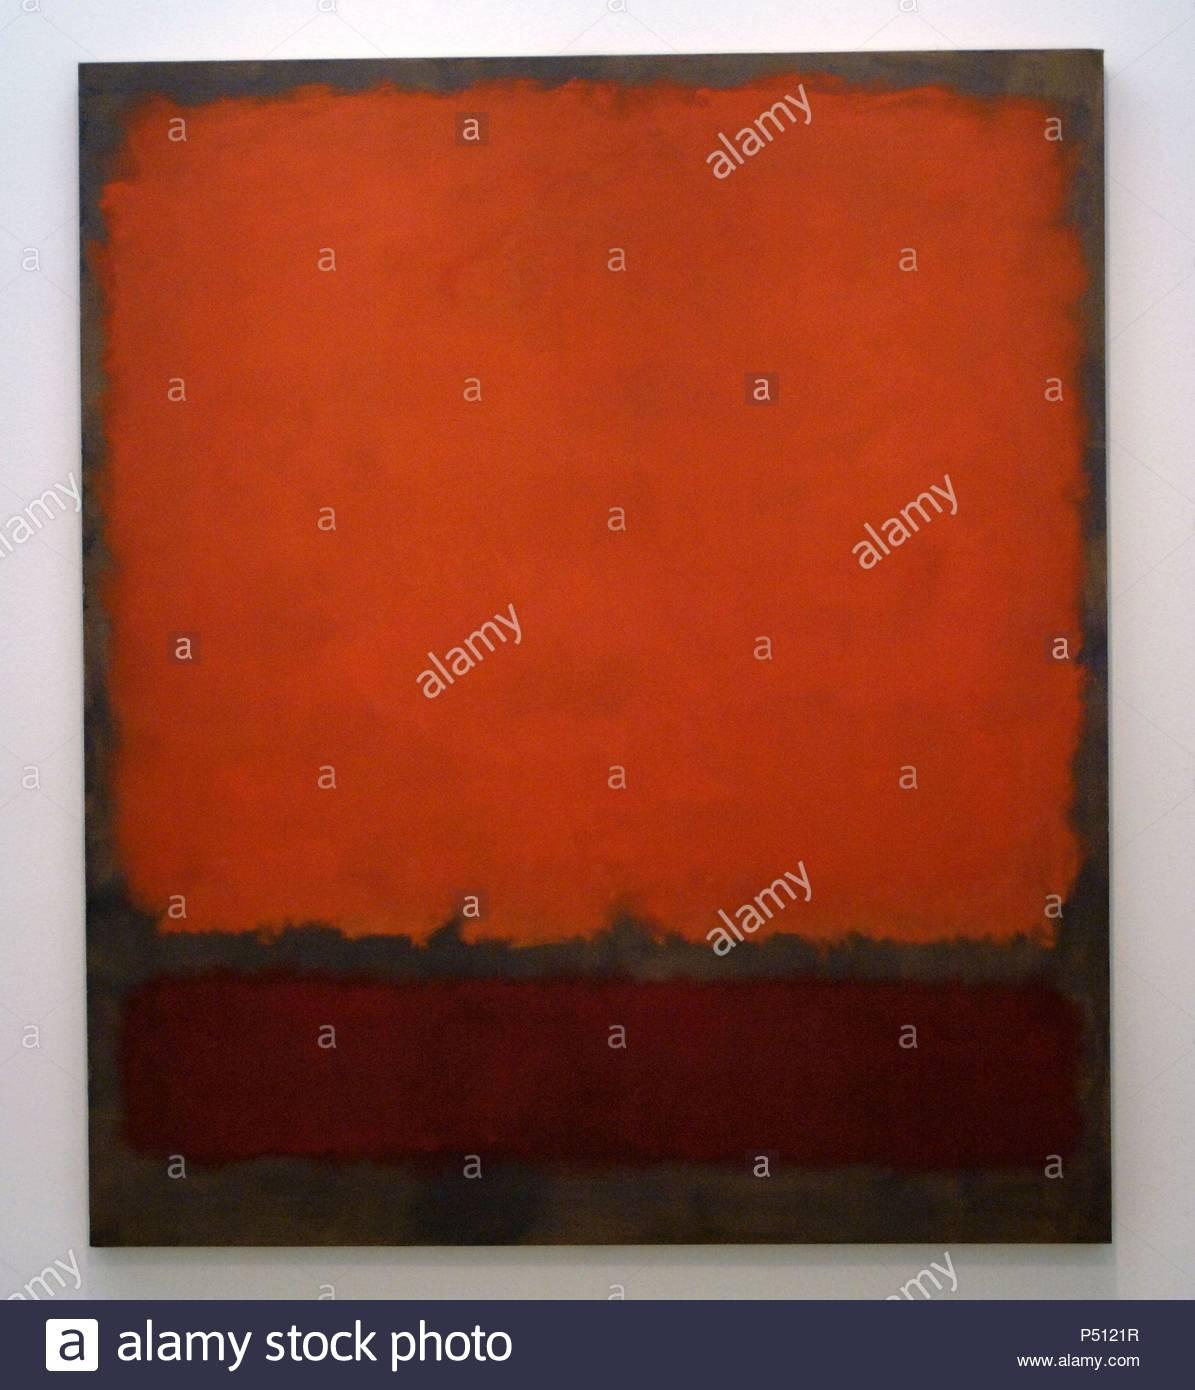 ARTE SIGLO XX. LETONIA. MARK ROTHKO (1903-1970) Pintor letón. 'NARANJA, ROJO Y ROJO' (1962). Oleo sobre lienzo. Museo de Arte de Dallas (Dallas Museum of Art). Estado de Texas. Estados Unidos. - Stock Image